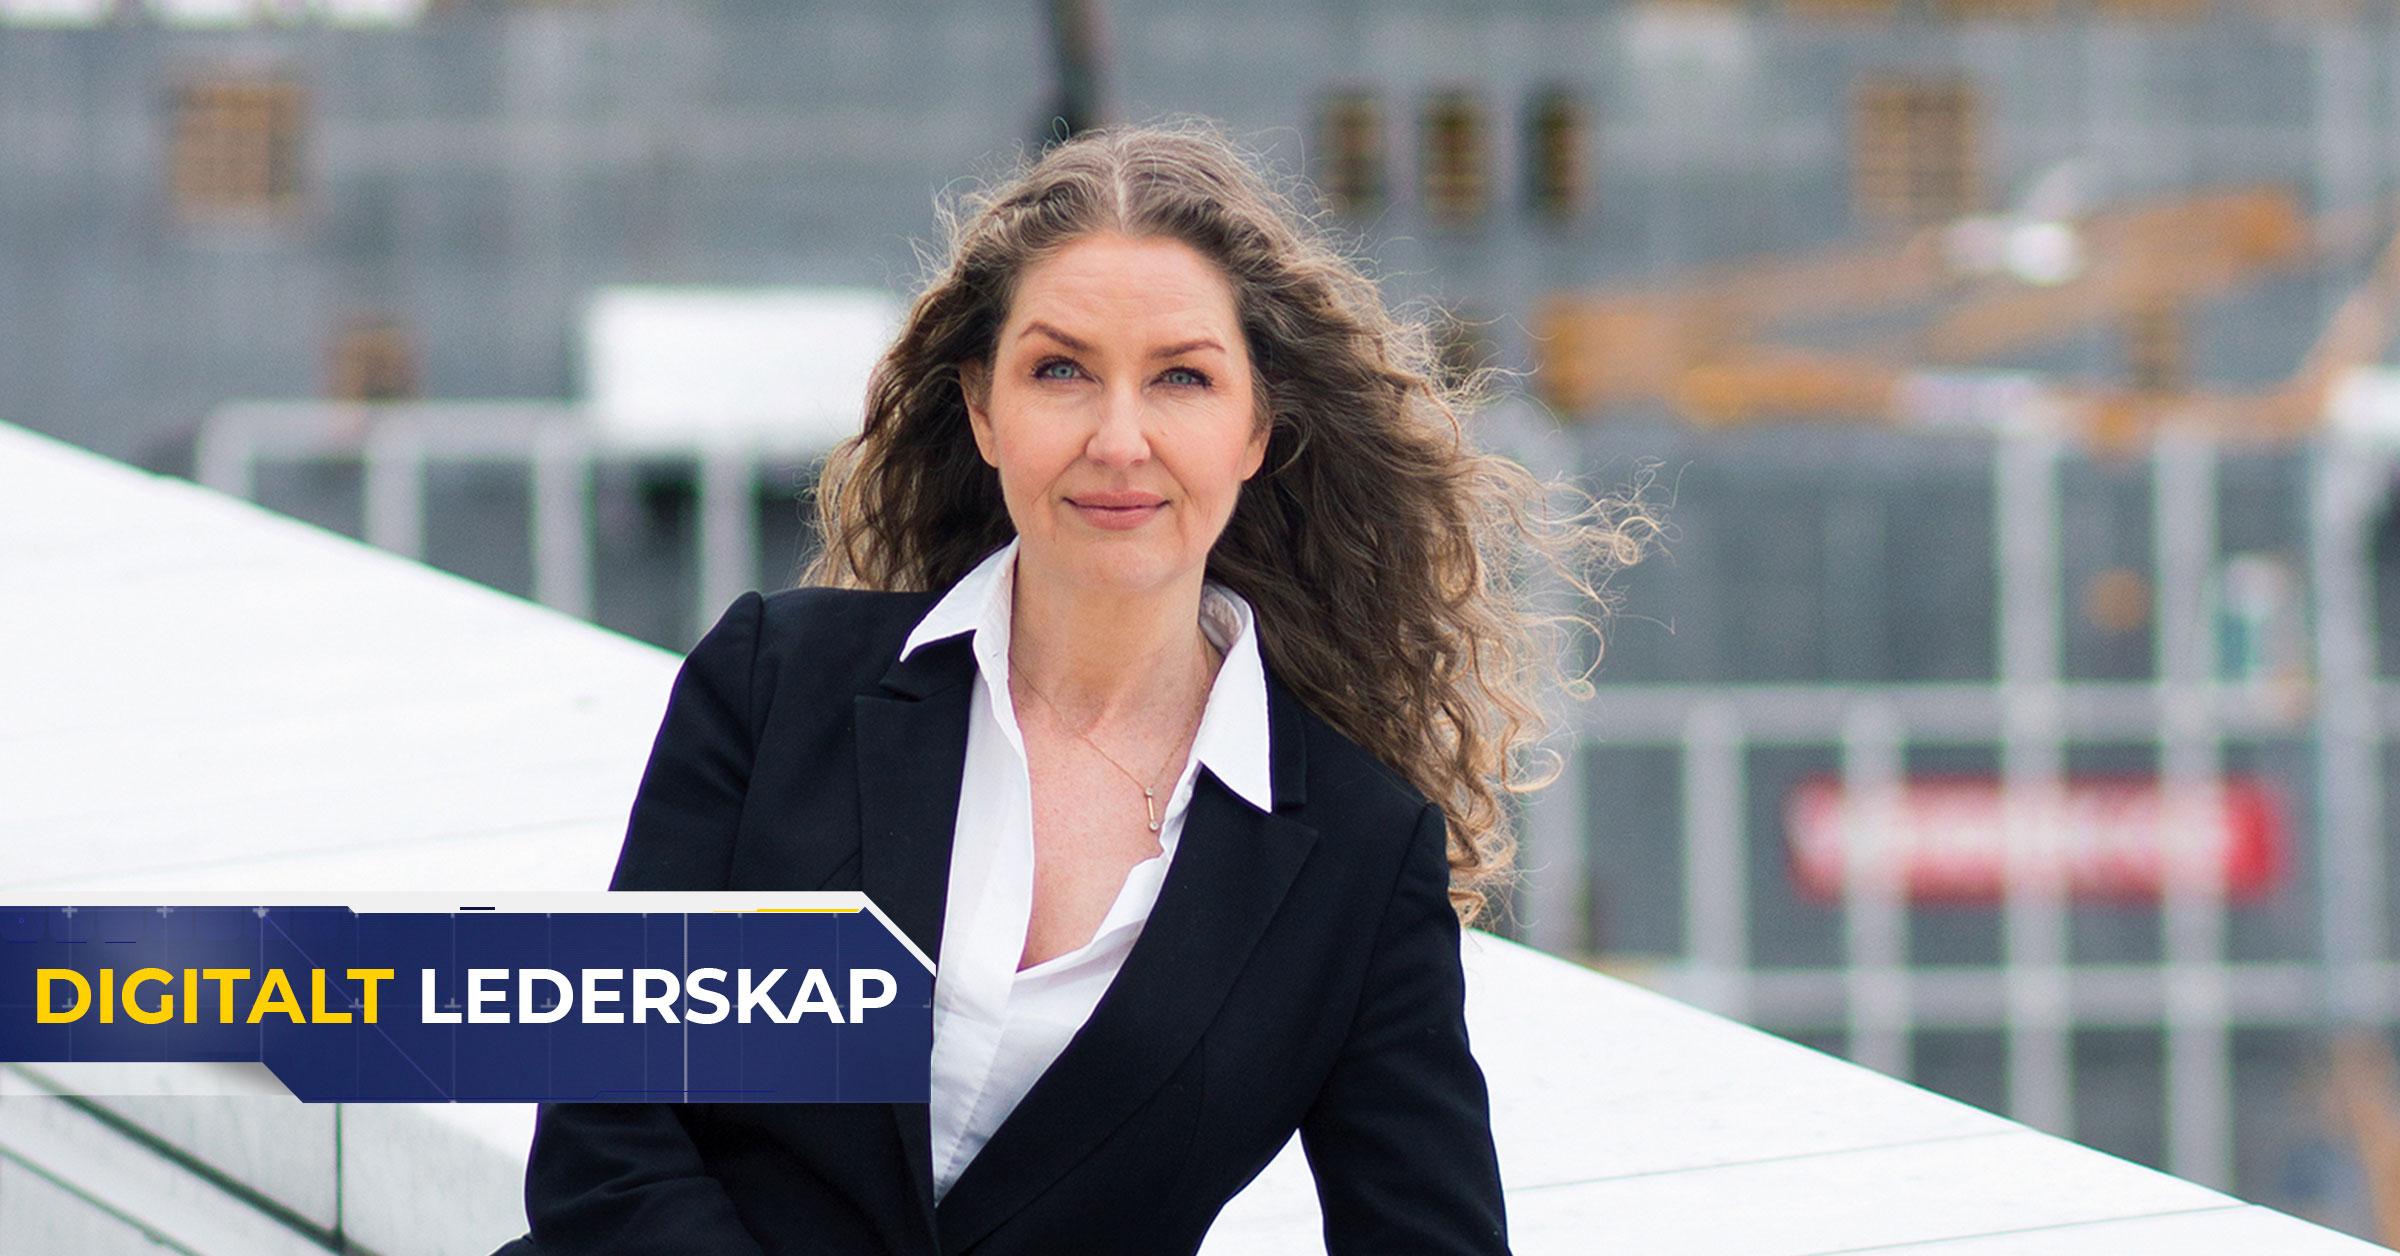 Hege Schøyen Dillner: Digitalisering - en nøkkel til smarte og bærekraftige bygg